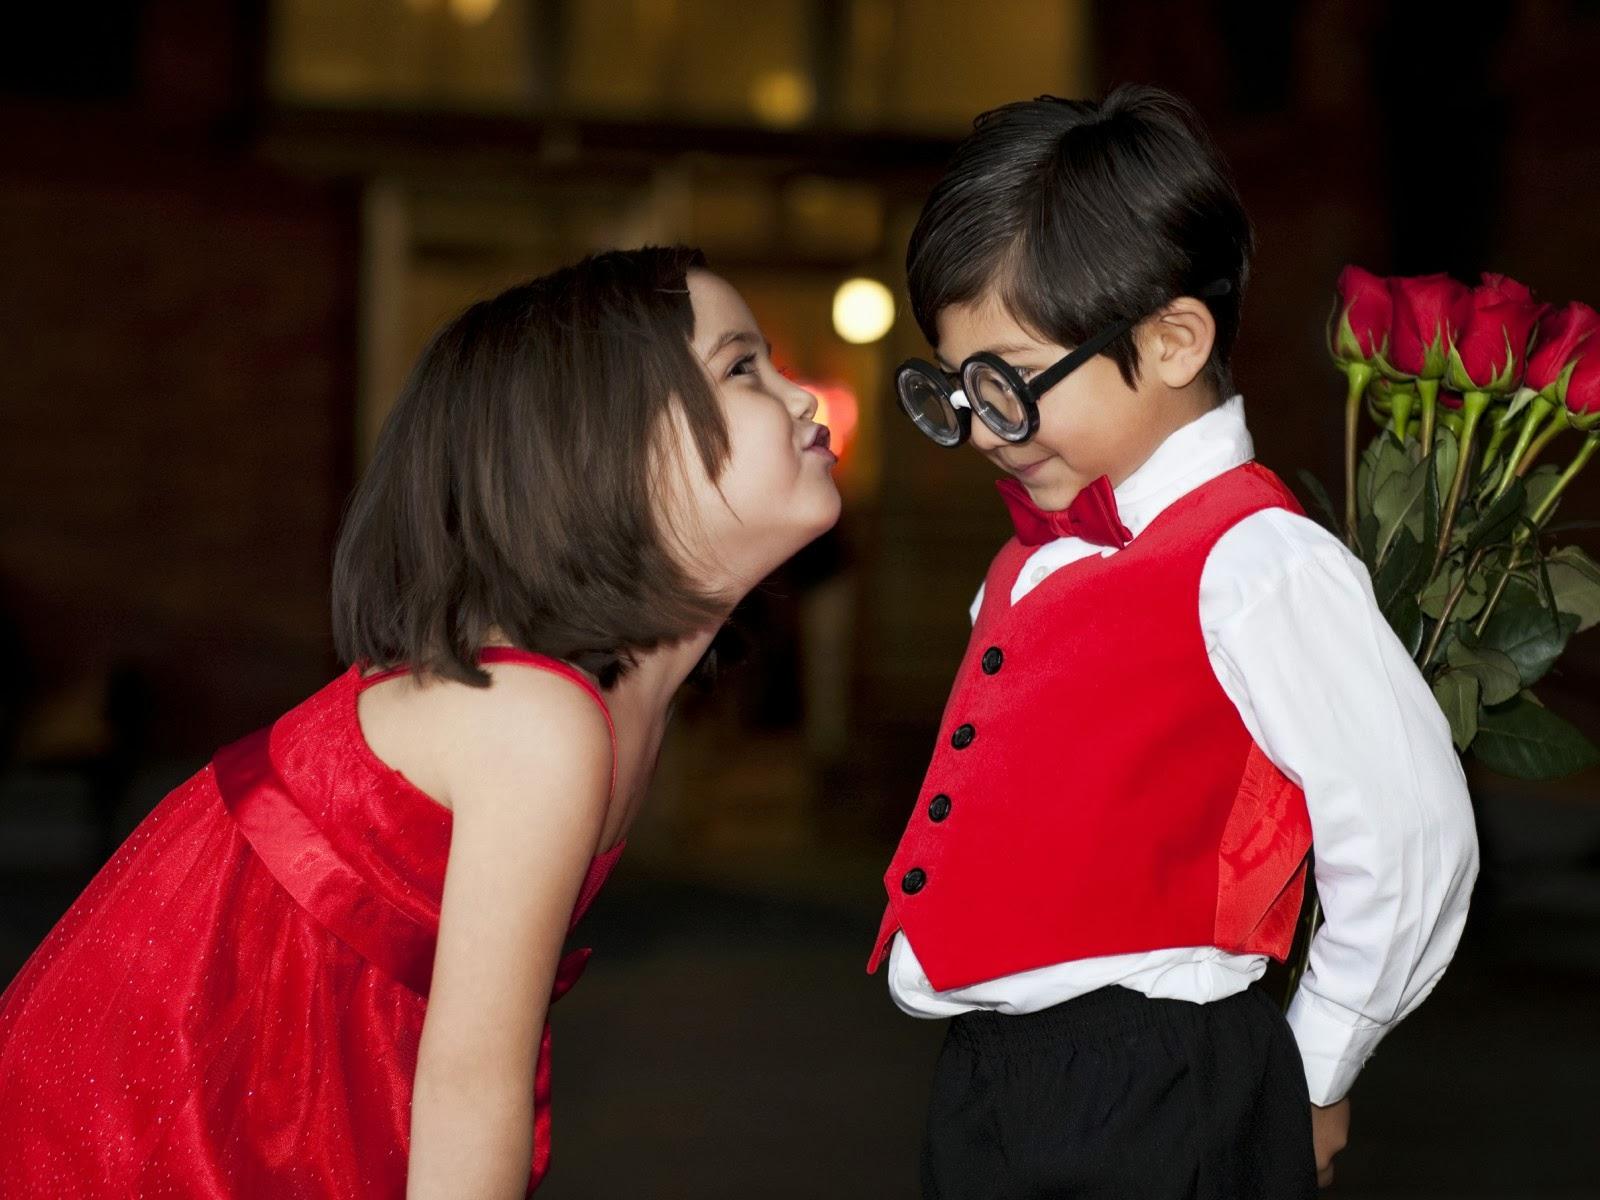 بالصور صور جميله رومنسيه , اجمل الصور الرومانسيه 3592 8